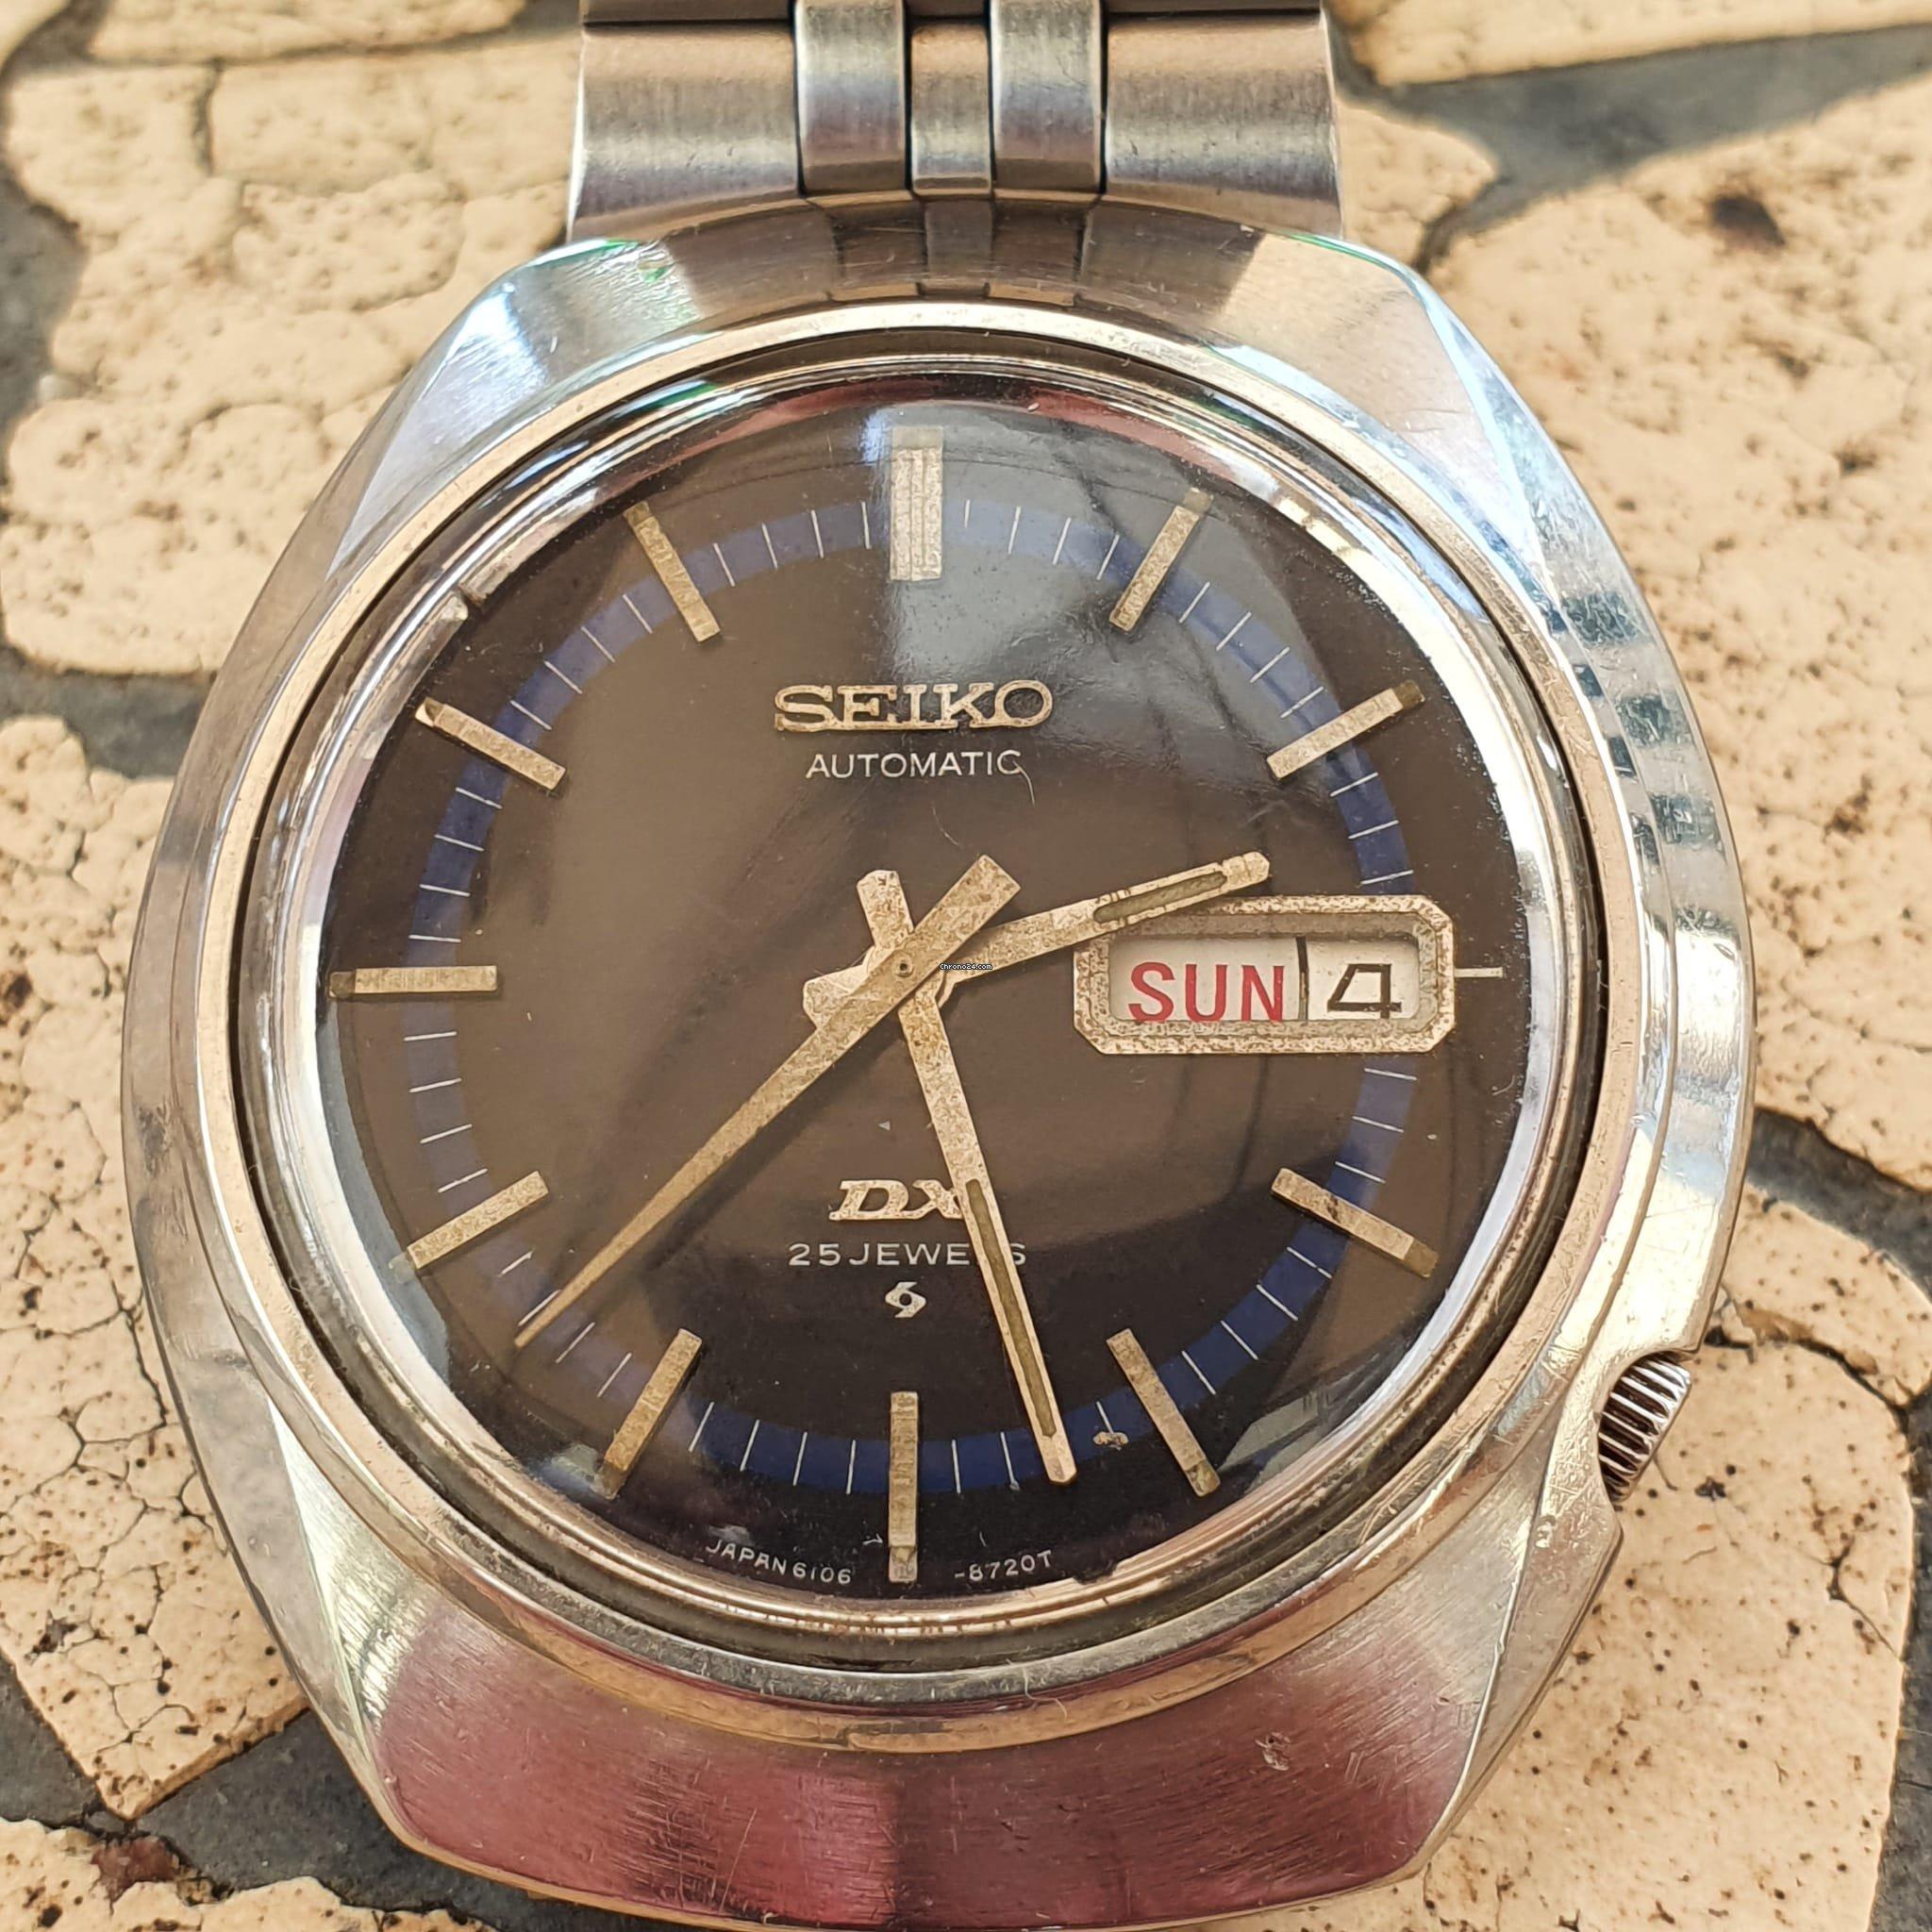 Seiko DX 6106 7780 en venta por 145 € por parte de un